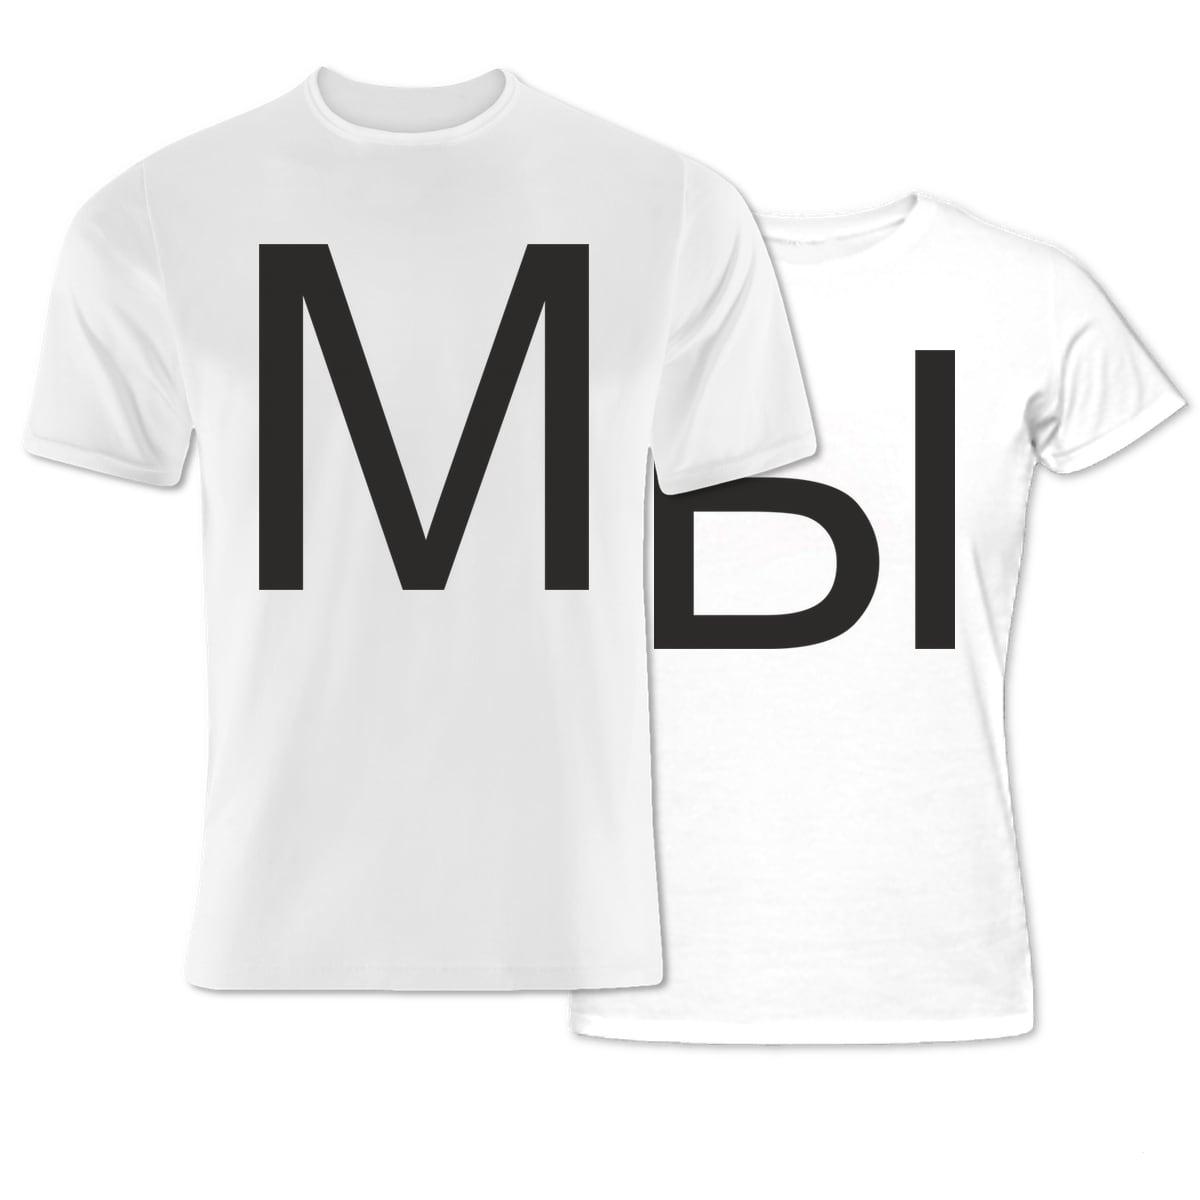 Комплект прикольных парных футболок с принтом *МЫ*